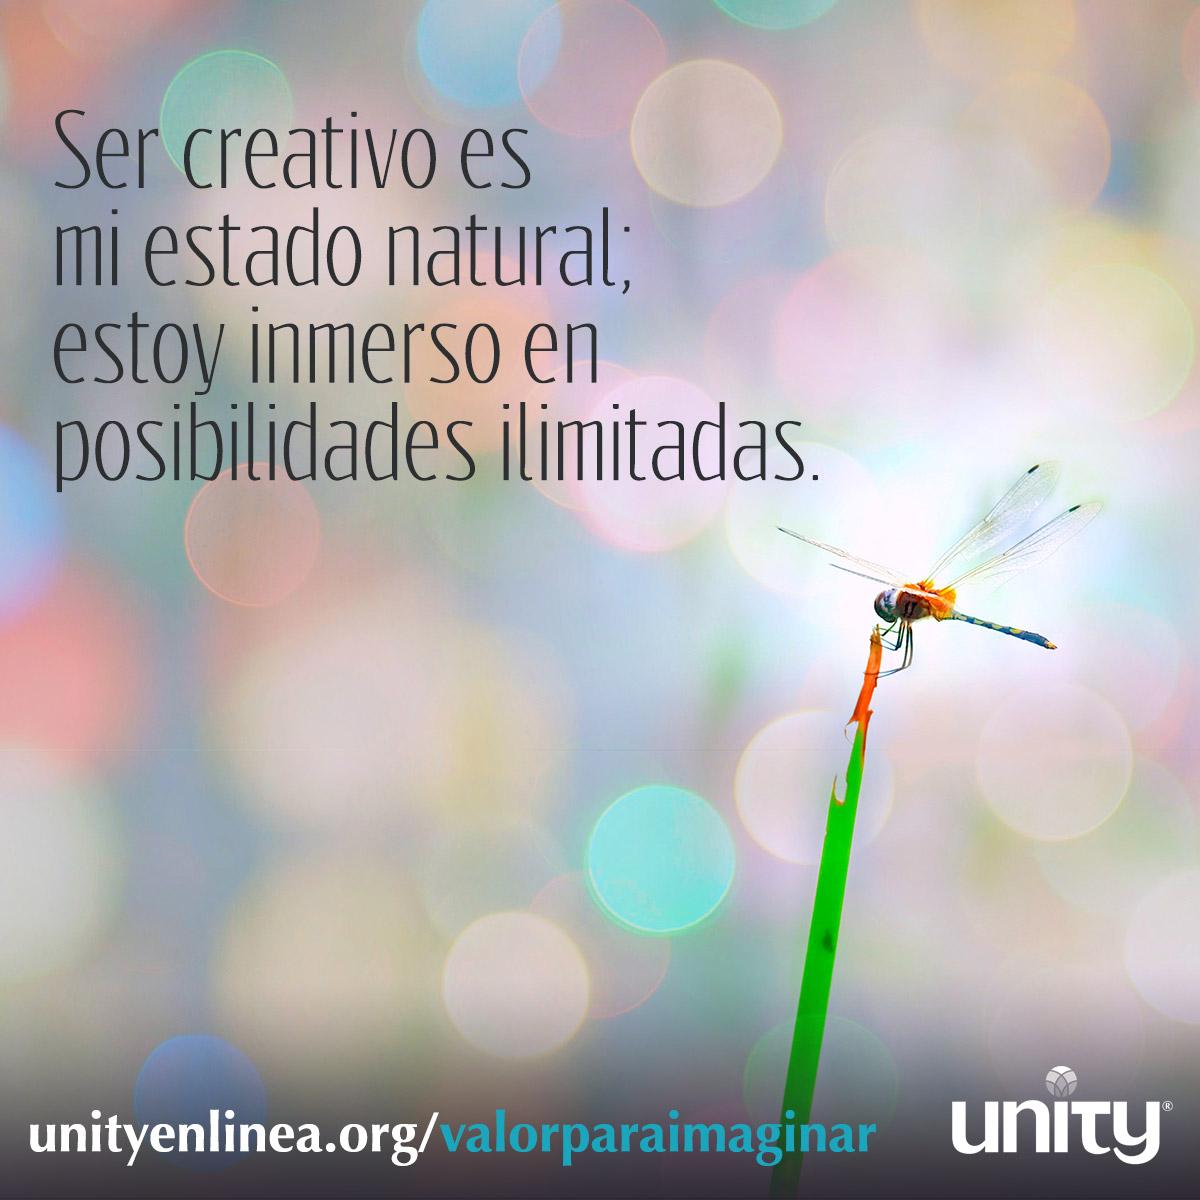 Centro De Descargas 2018 Unity Enlinea